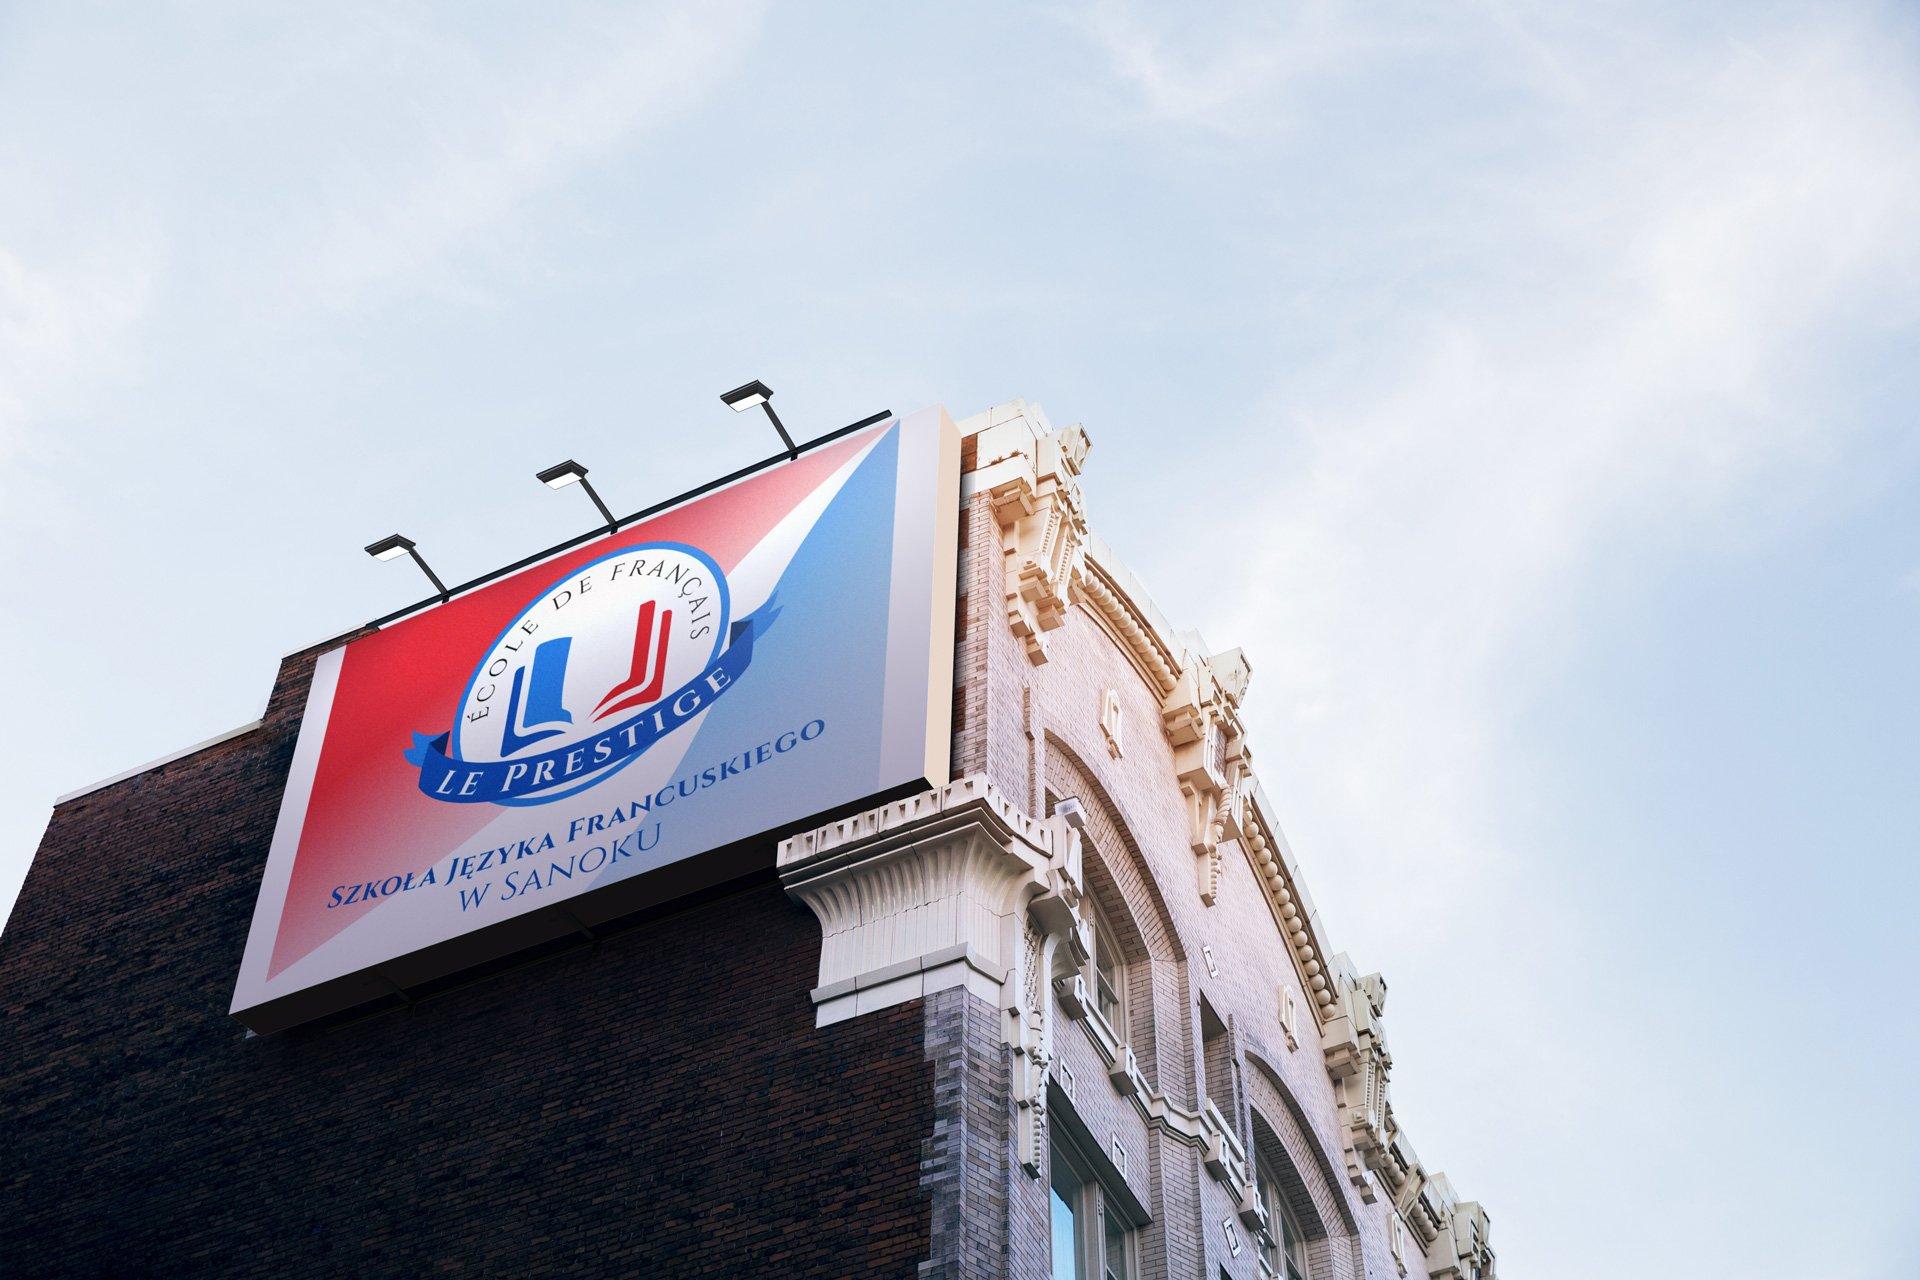 Wizualizacja prezentacji billboardu Szkoły Le Prestige - wizualizacja (by BBIG.PL)